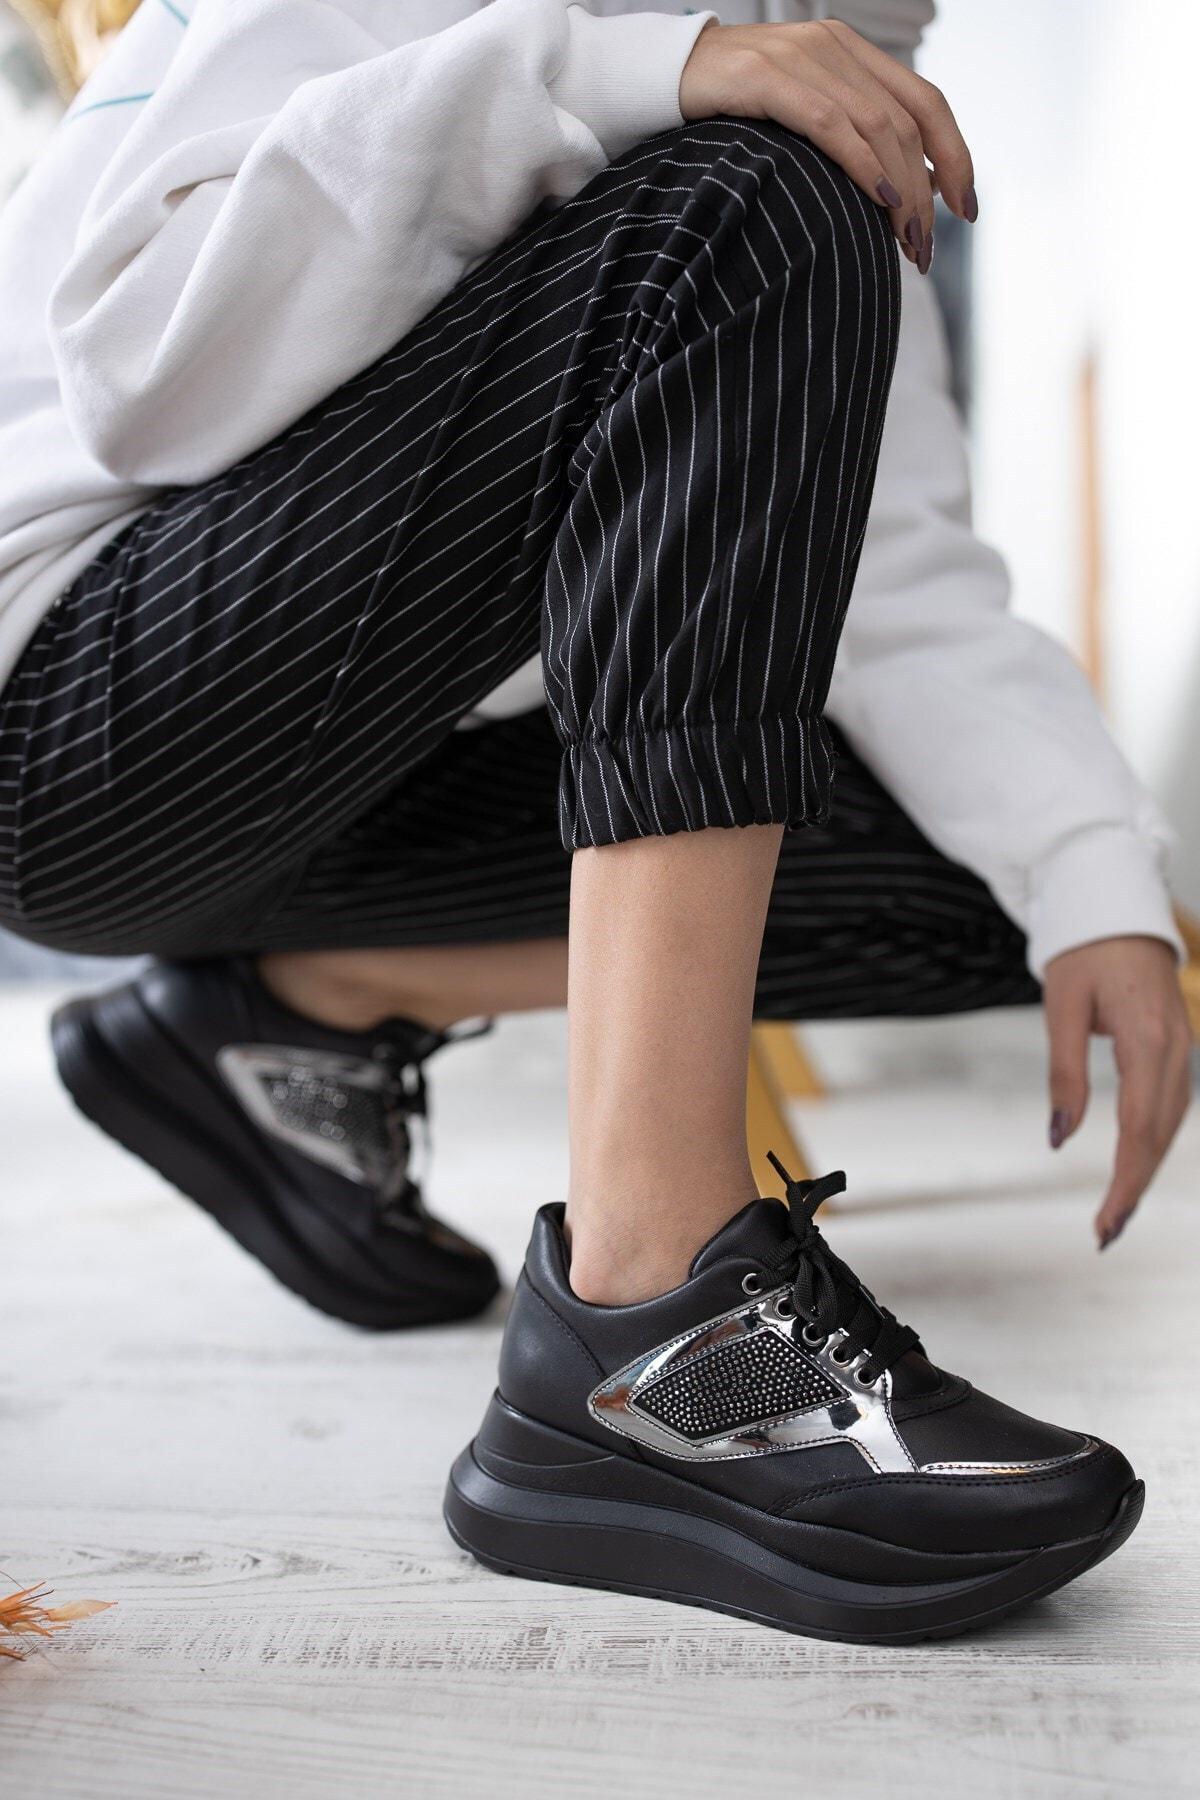 DİVOLYA Kadın Siyah Cilt Karen Kalın Taban Taşlı Günlük Spor Ayakkabı 1